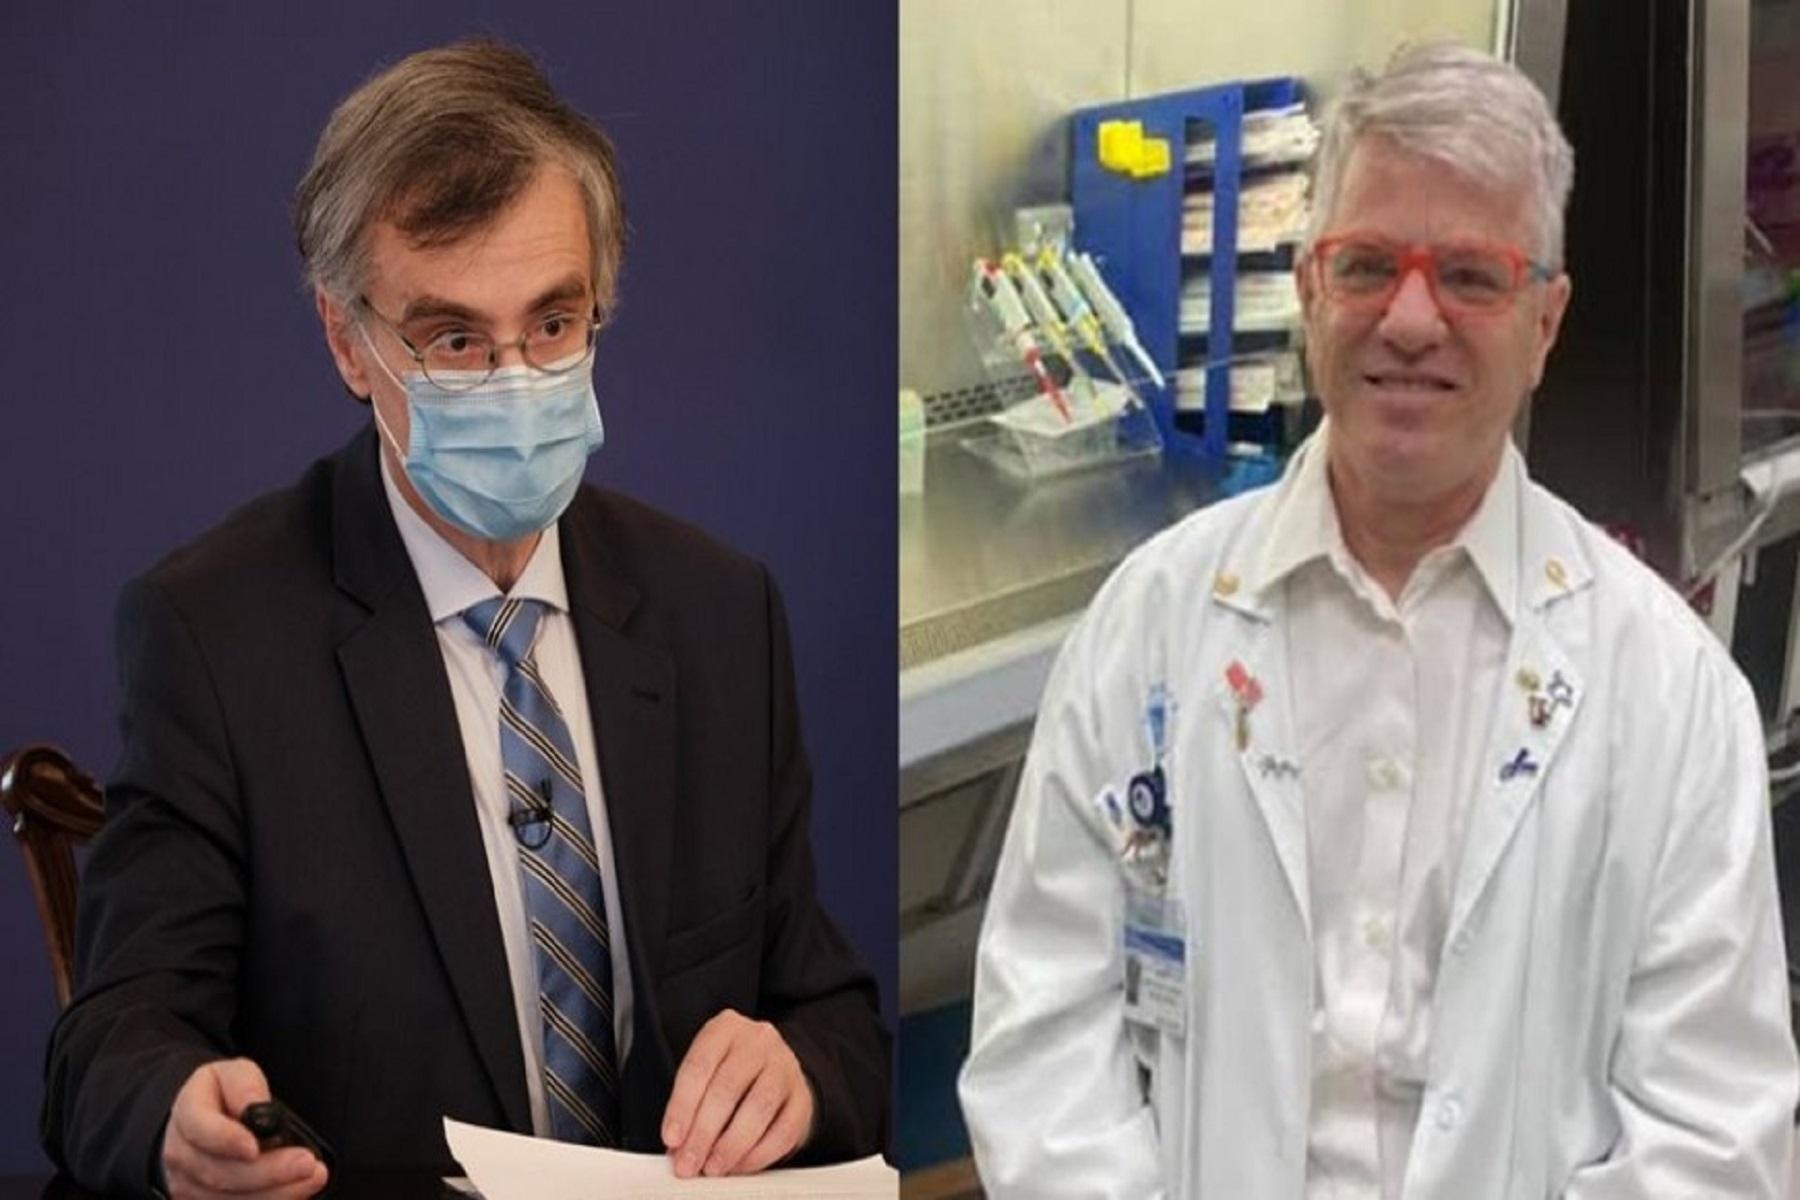 Ισραήλ Φάρμακο: Εισπνεόμενο σκεύασμα κατά της covid-19 – Έναρξη κλινικής δοκιμής και σε νοσοκομείο της χώρας μας.